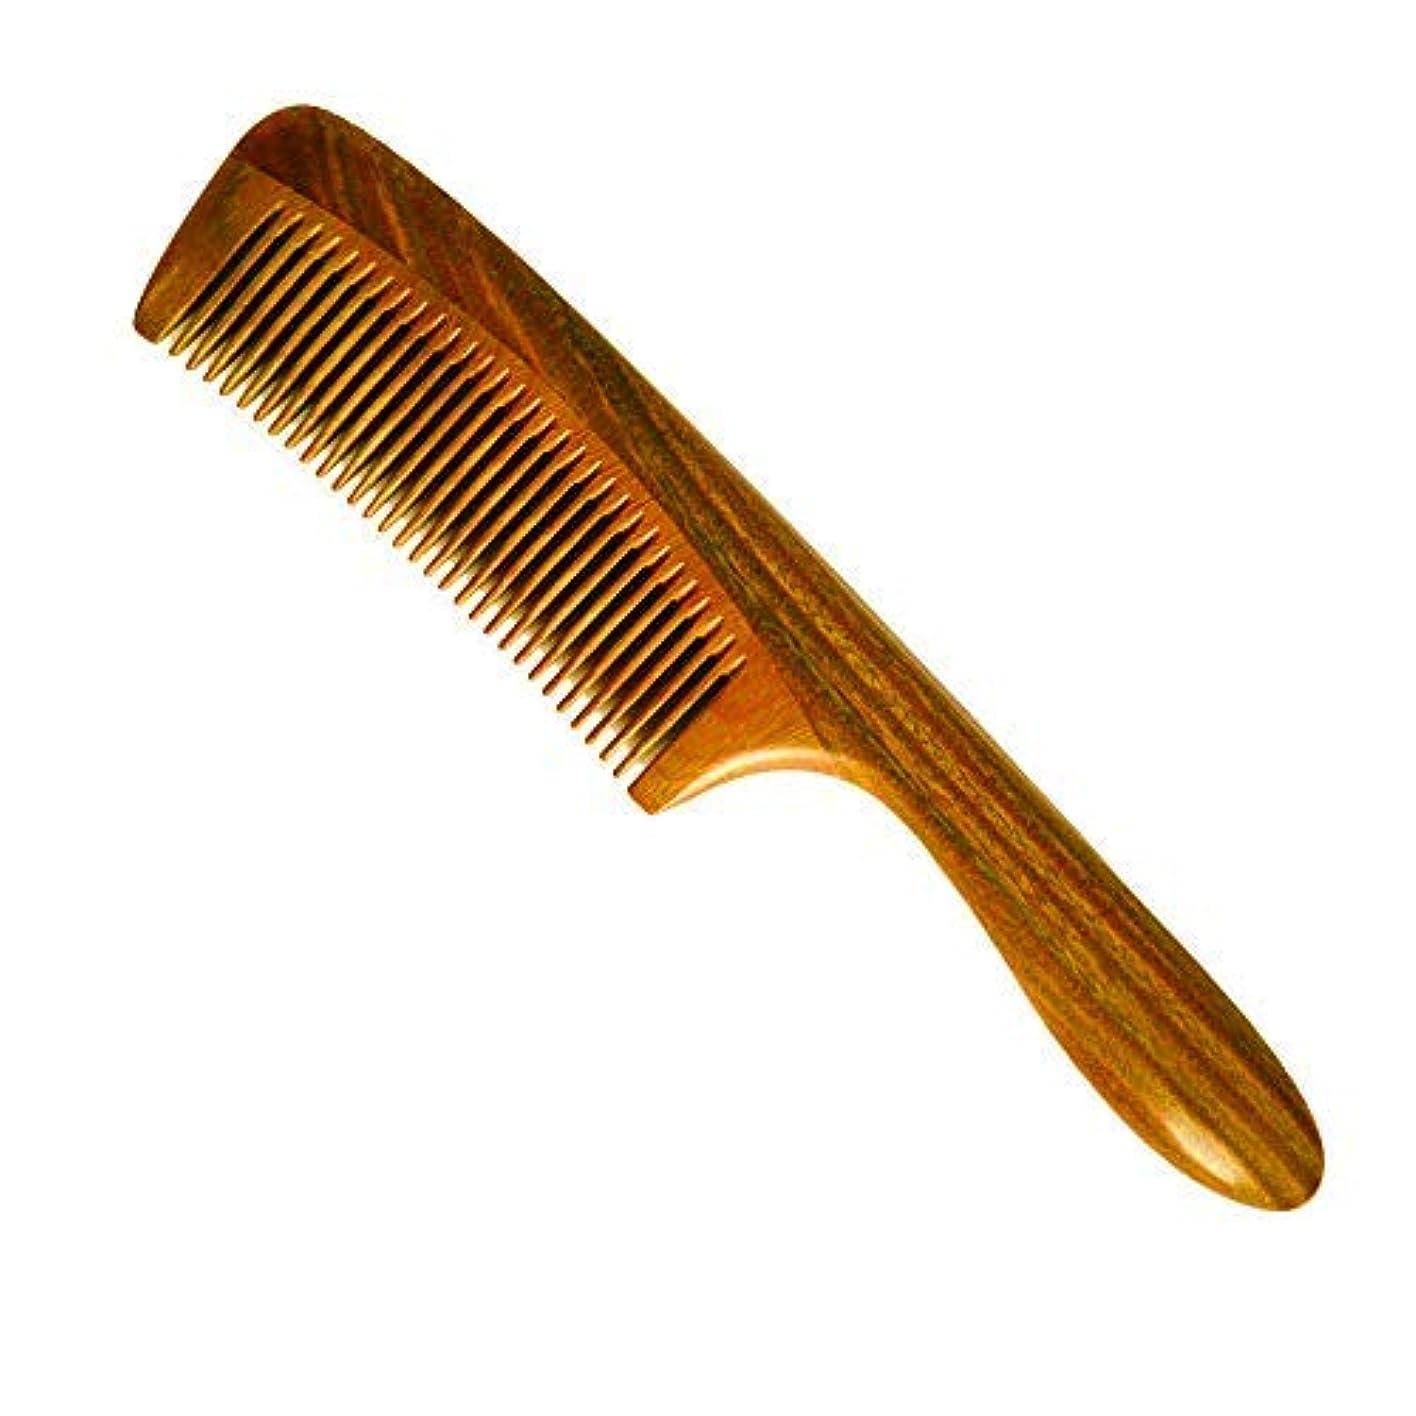 矢じり王族スペードHair Comb, Wooden Comb Tooth And Fine Tooth Wood Comb,Green Sandalwood, Women and Men Hair Combs (MR04) [並行輸入品]